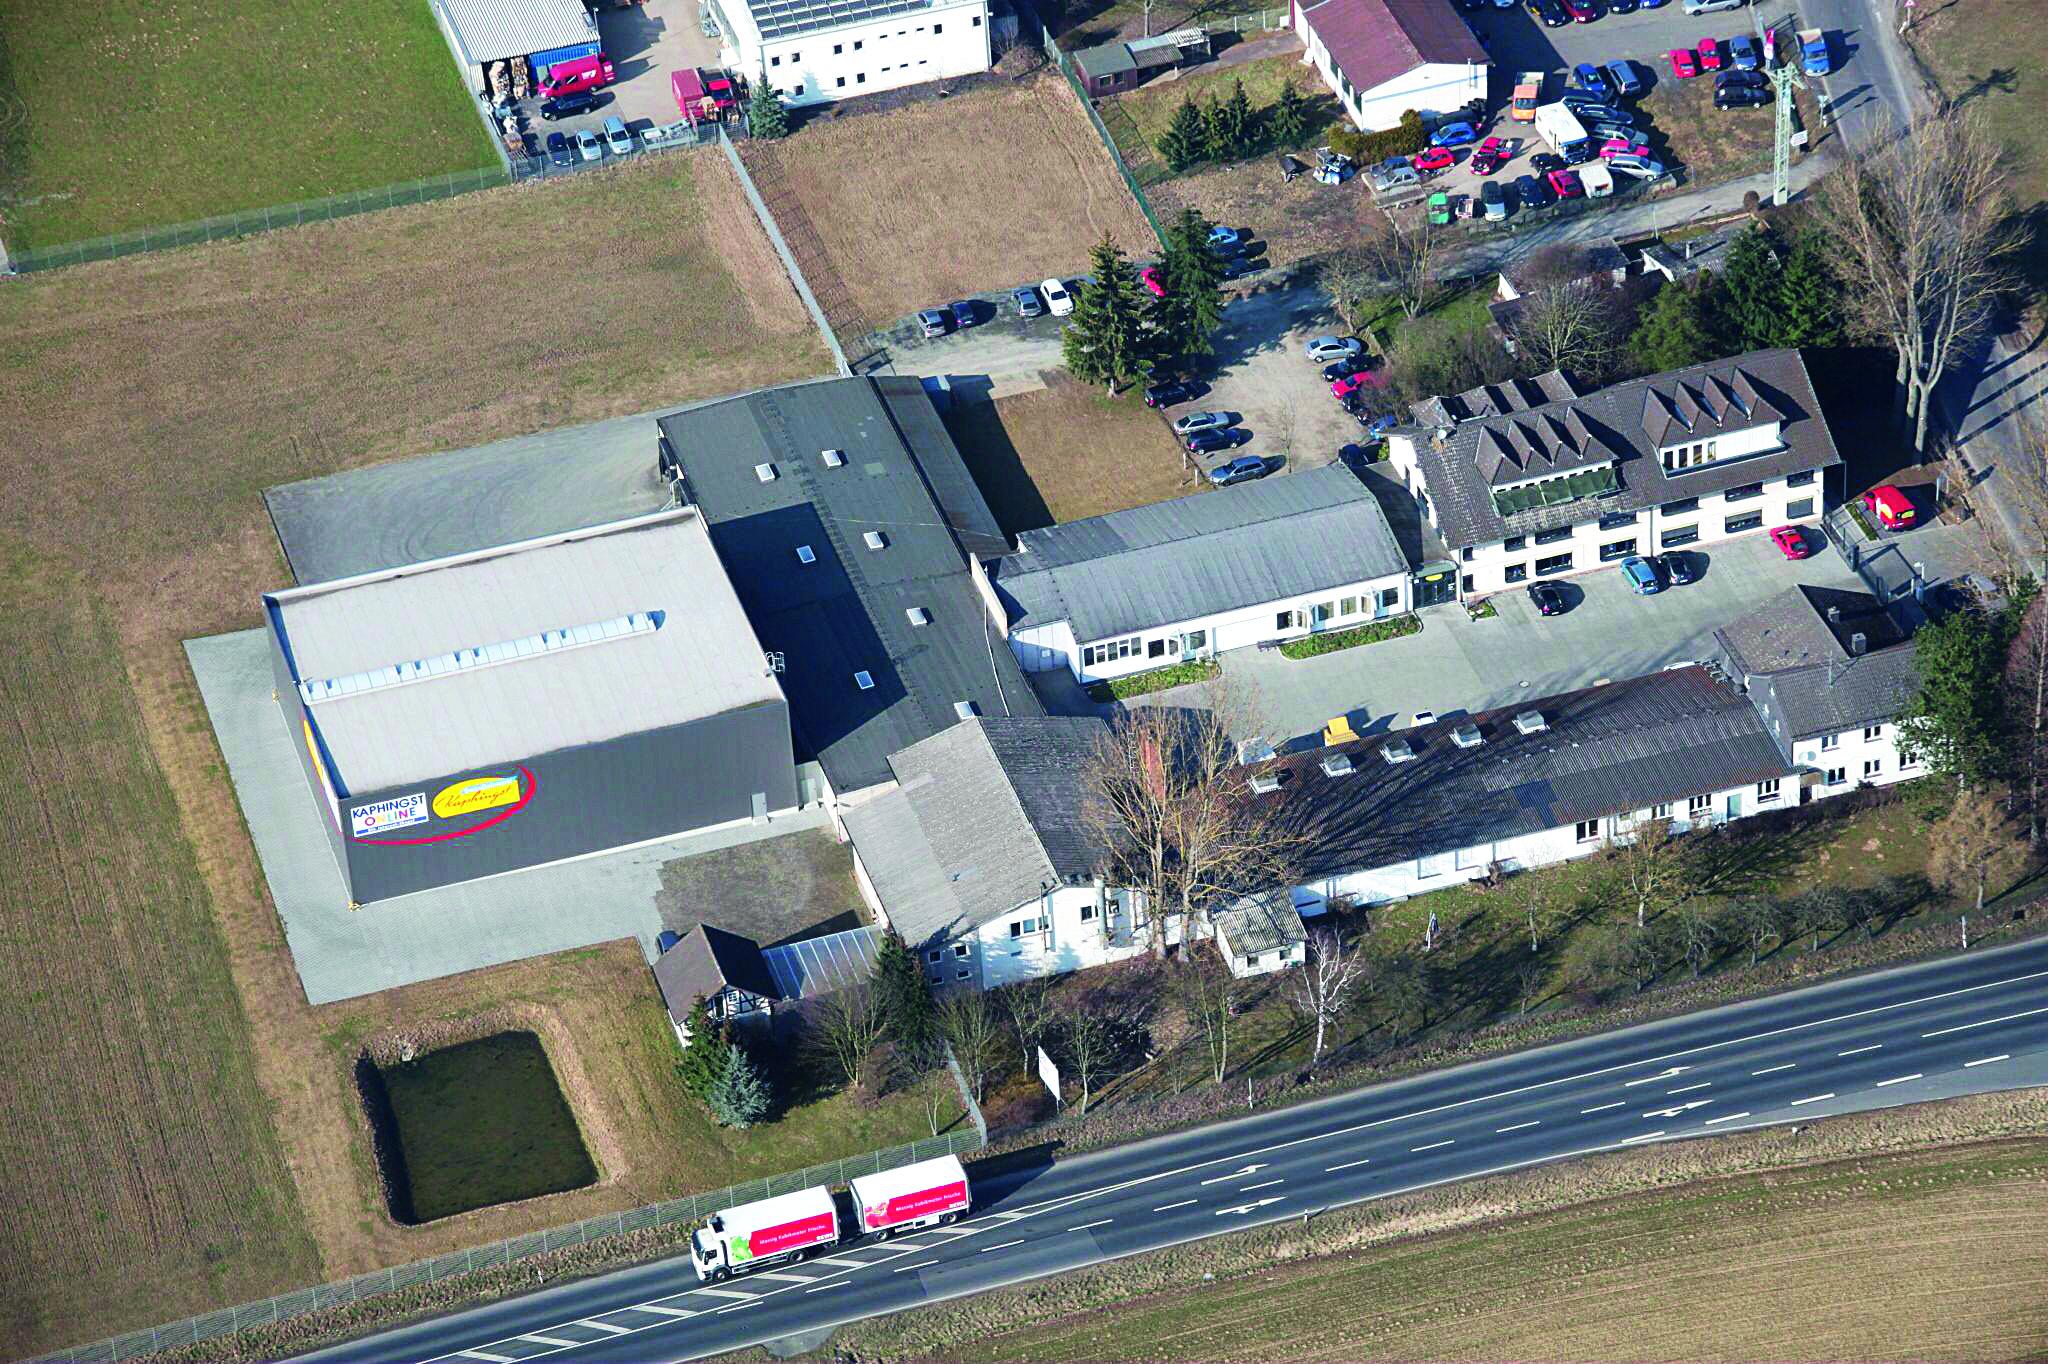 Luftaufnahme Lahntal-Goßfelden mit Logistikzentrum in 2012